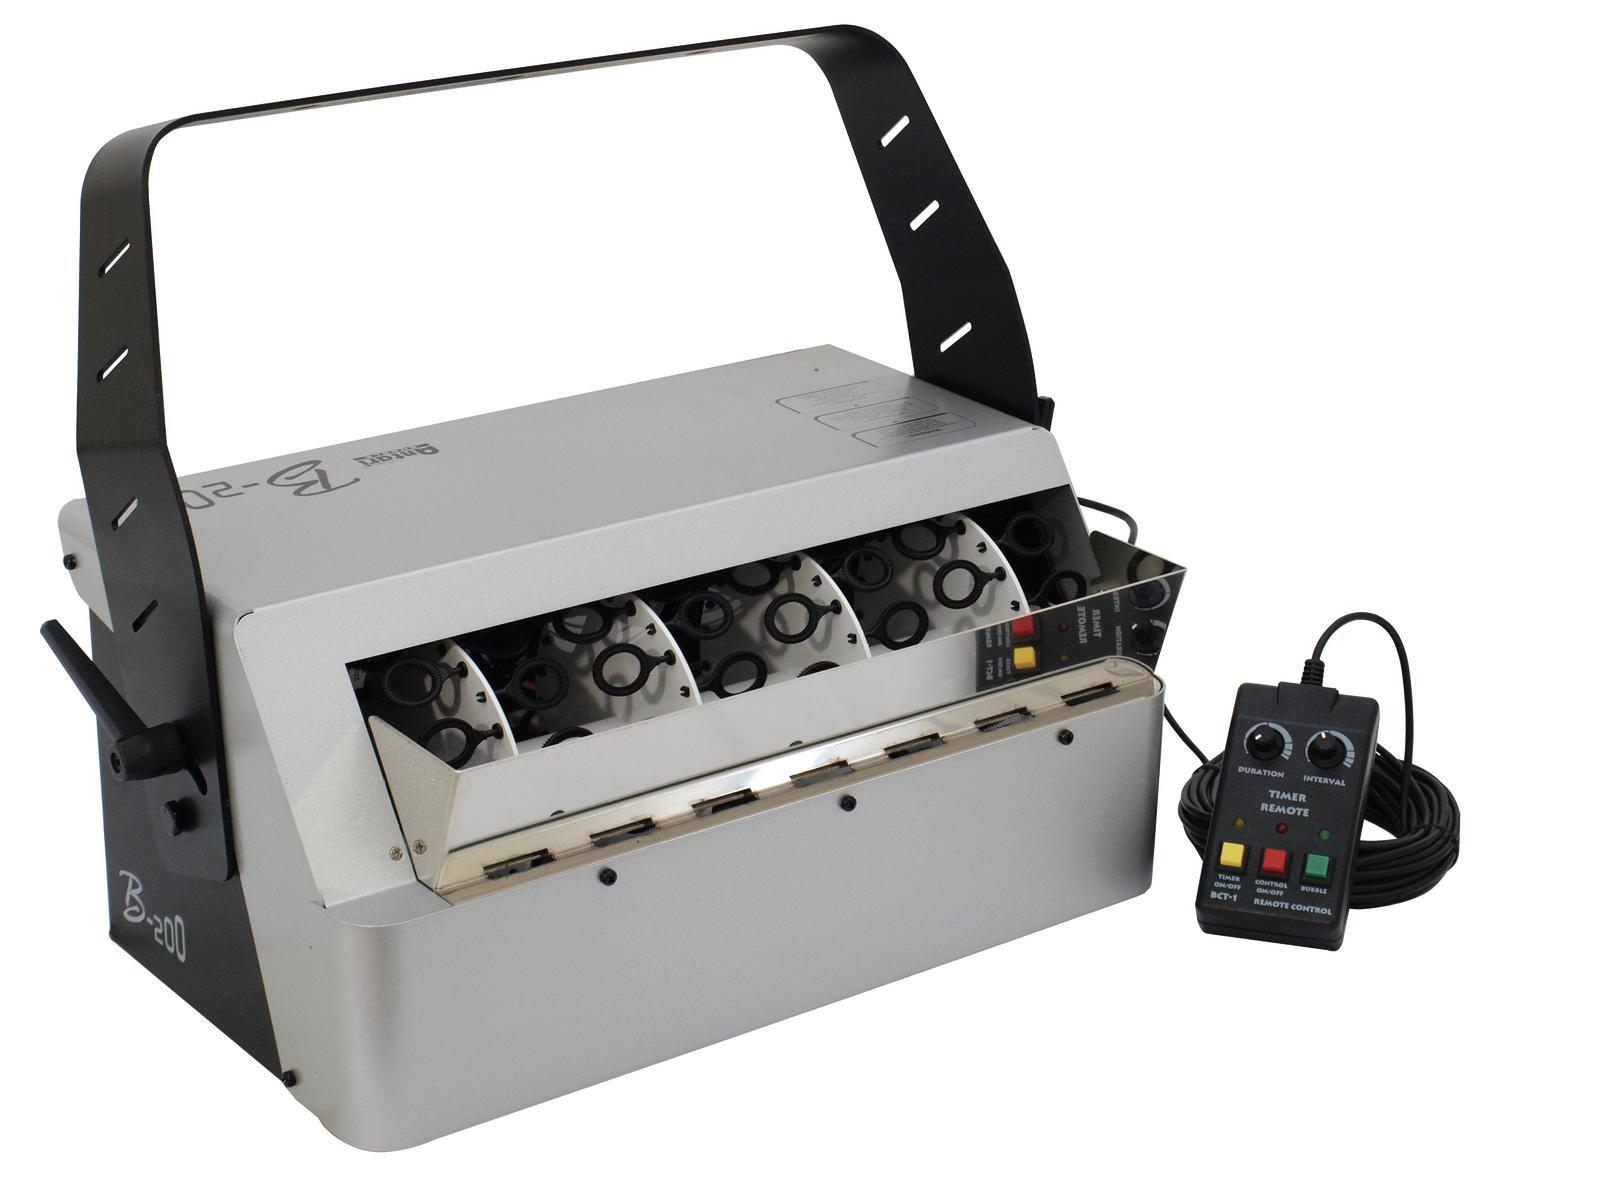 antari-b-200-seifenblasenmaschine